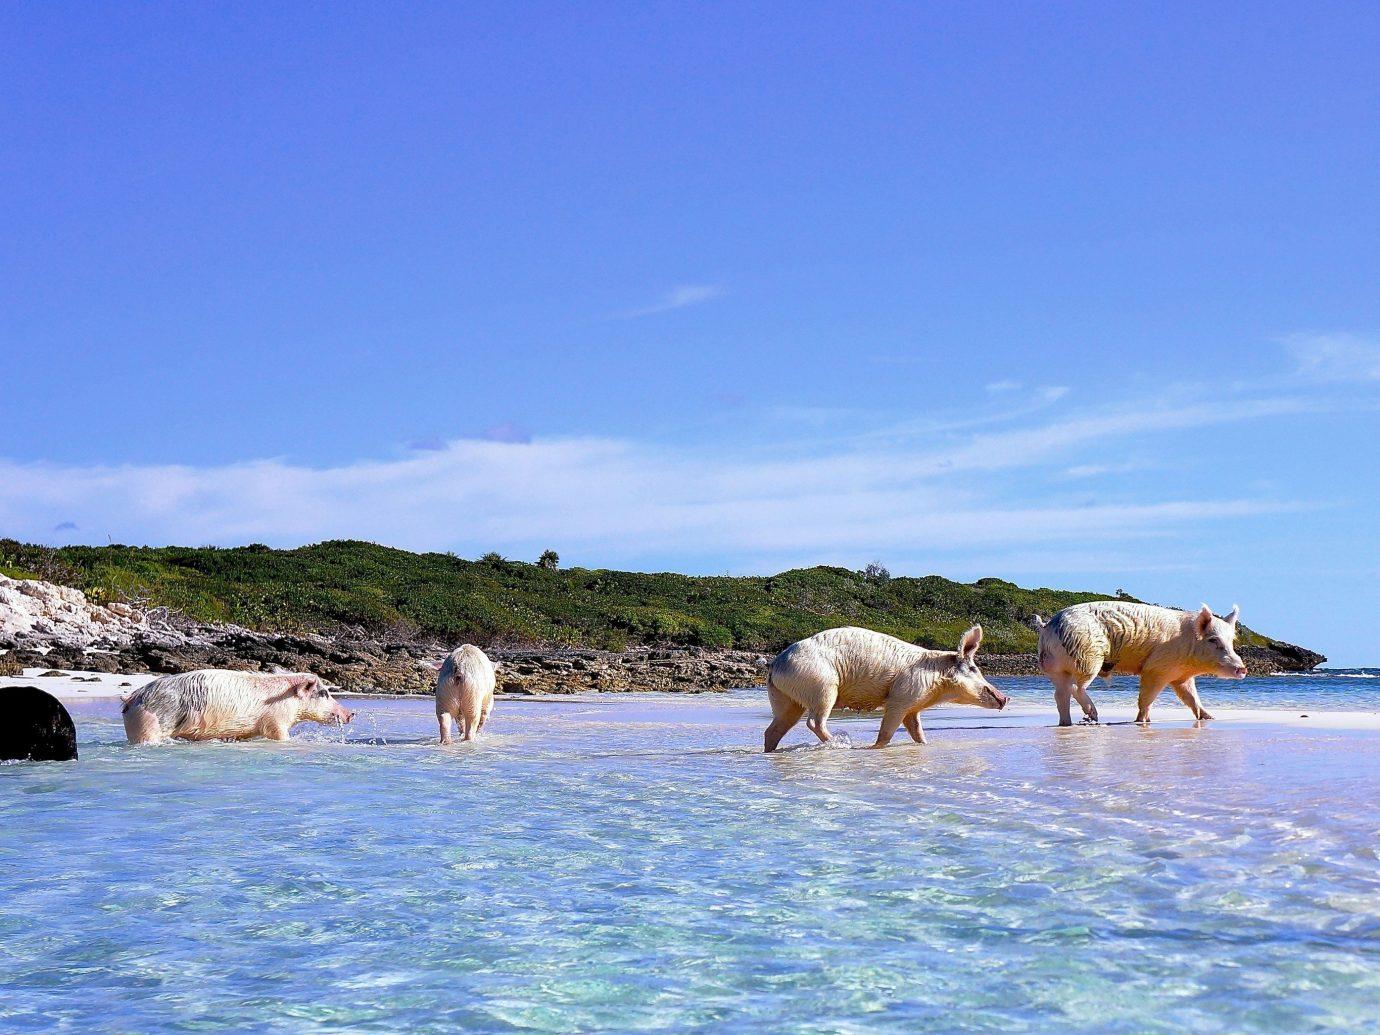 Pigs in the ocean at Grand Isle Resort